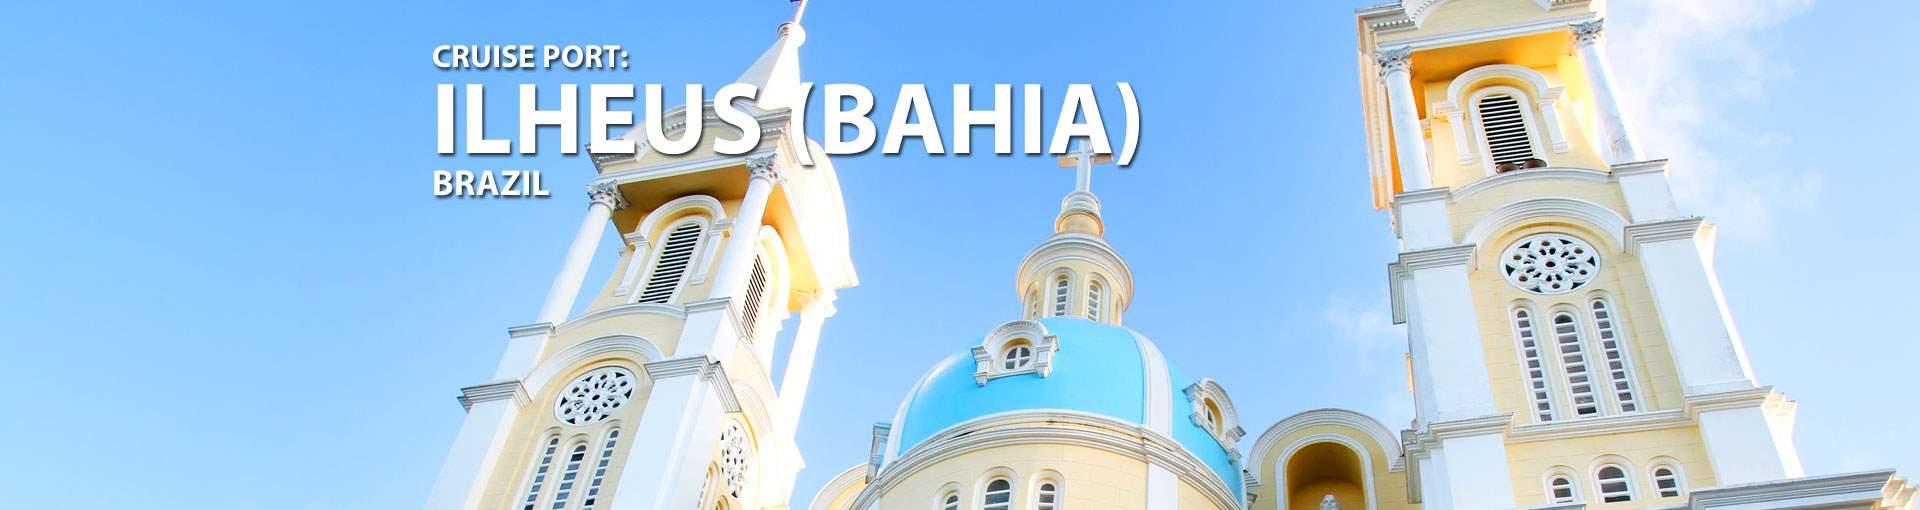 Cruises to Ilheus(Bahia), Brazil